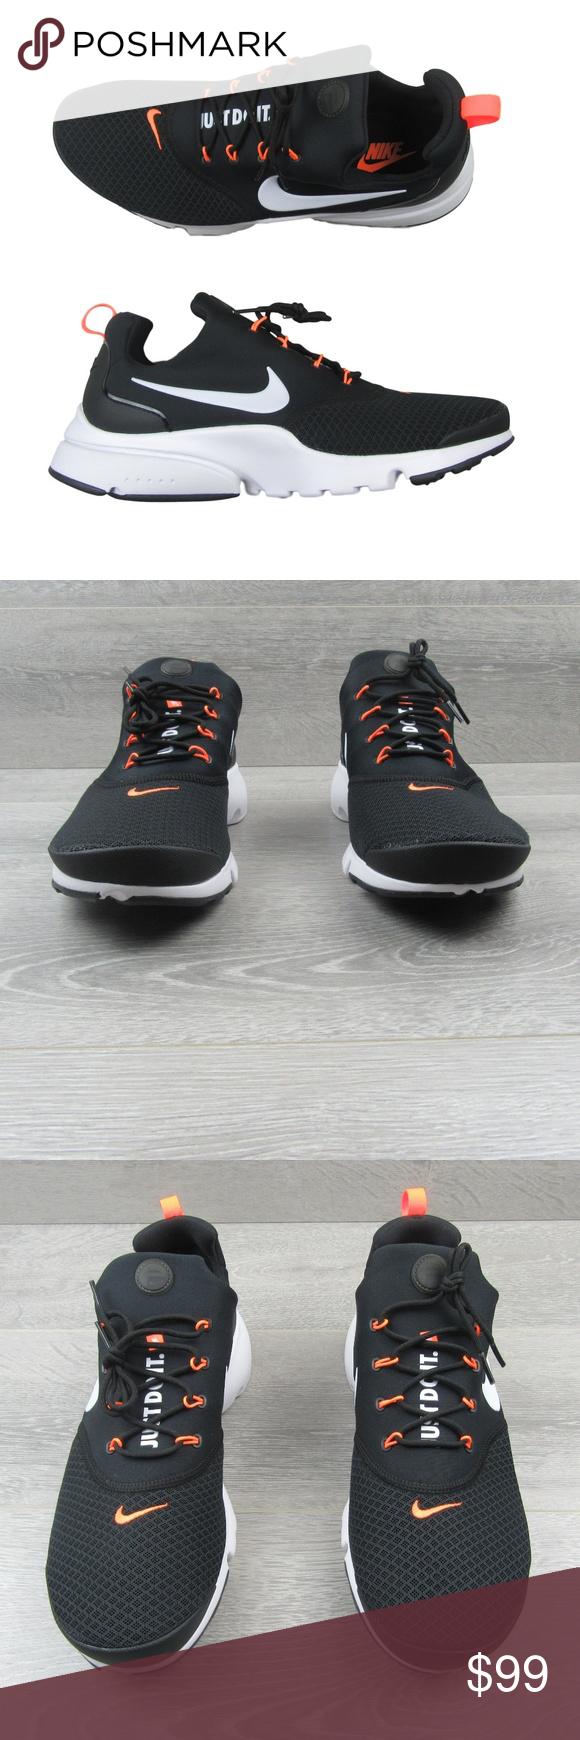 99fc0db99c9 Nike Presto Fly JDI Black Running Shoes Nike Presto Fly JDI